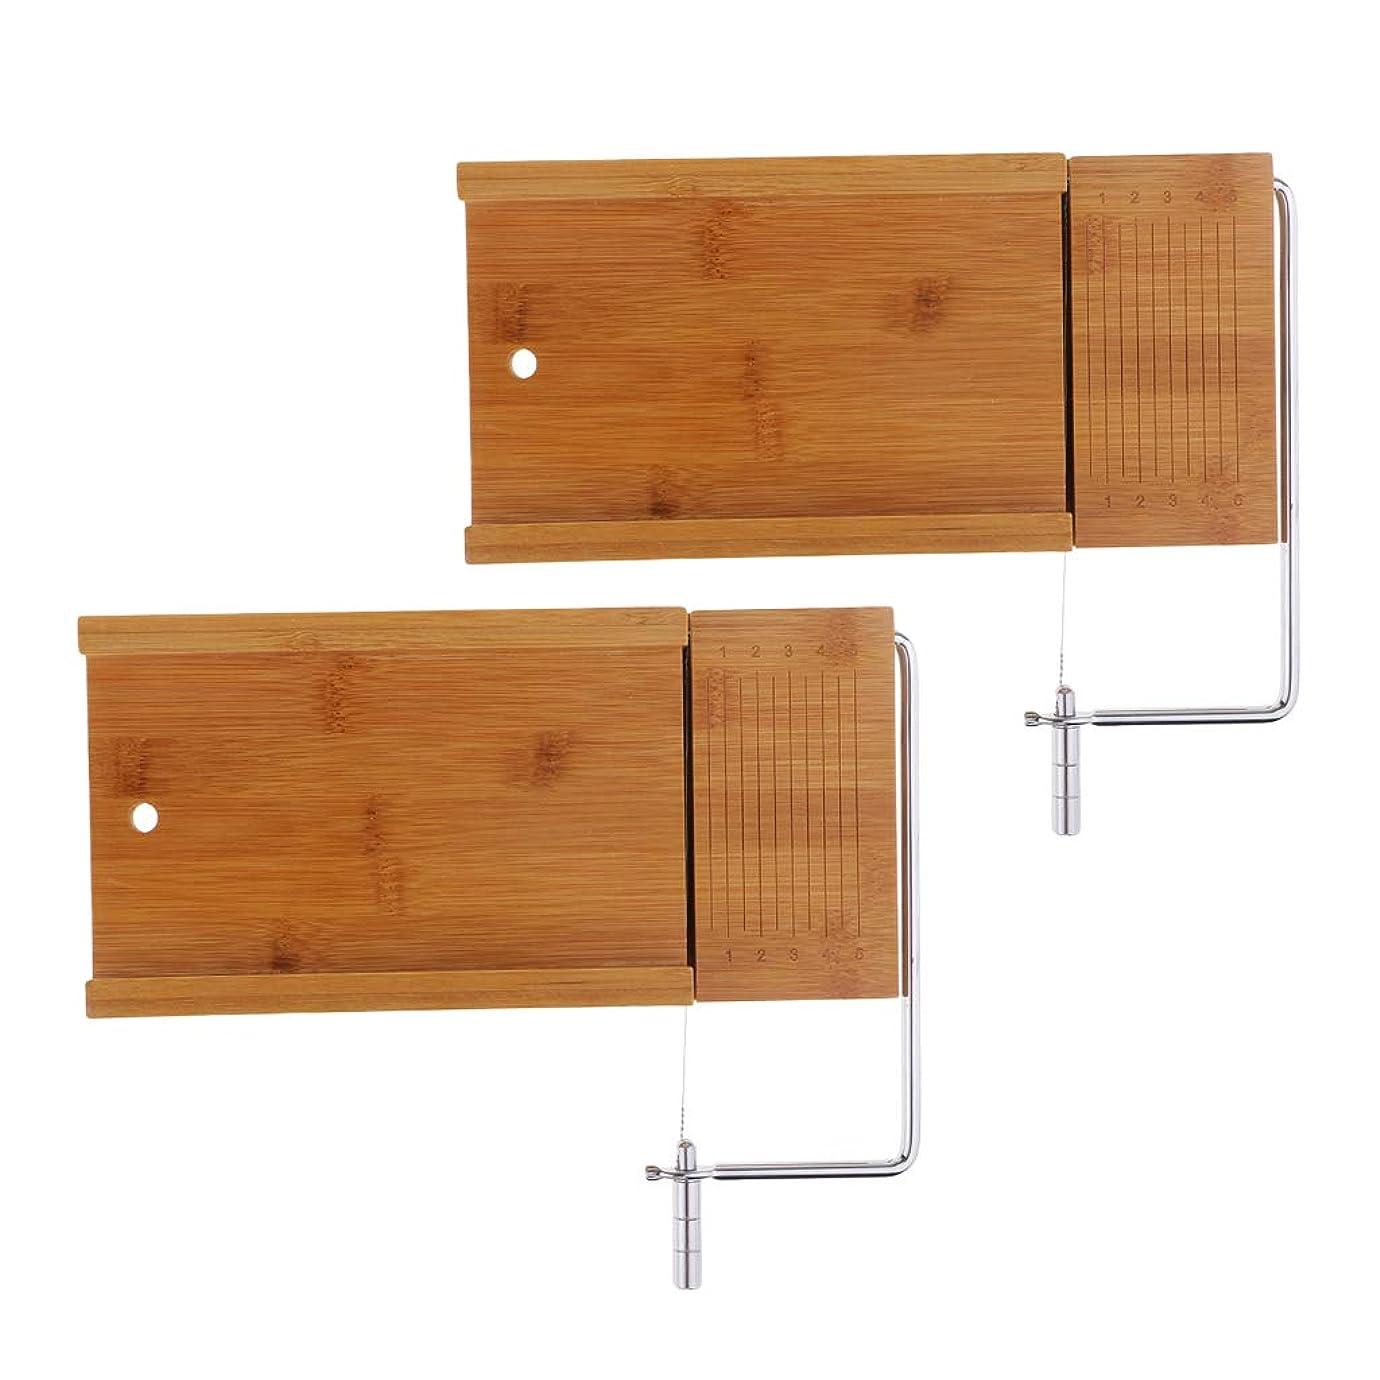 マトロン降雨感謝祭gazechimp 2個入り ソープスライサー ソープカッター 台 木質 せっけんカッター ワイヤー 石鹸切削工具 耐久性